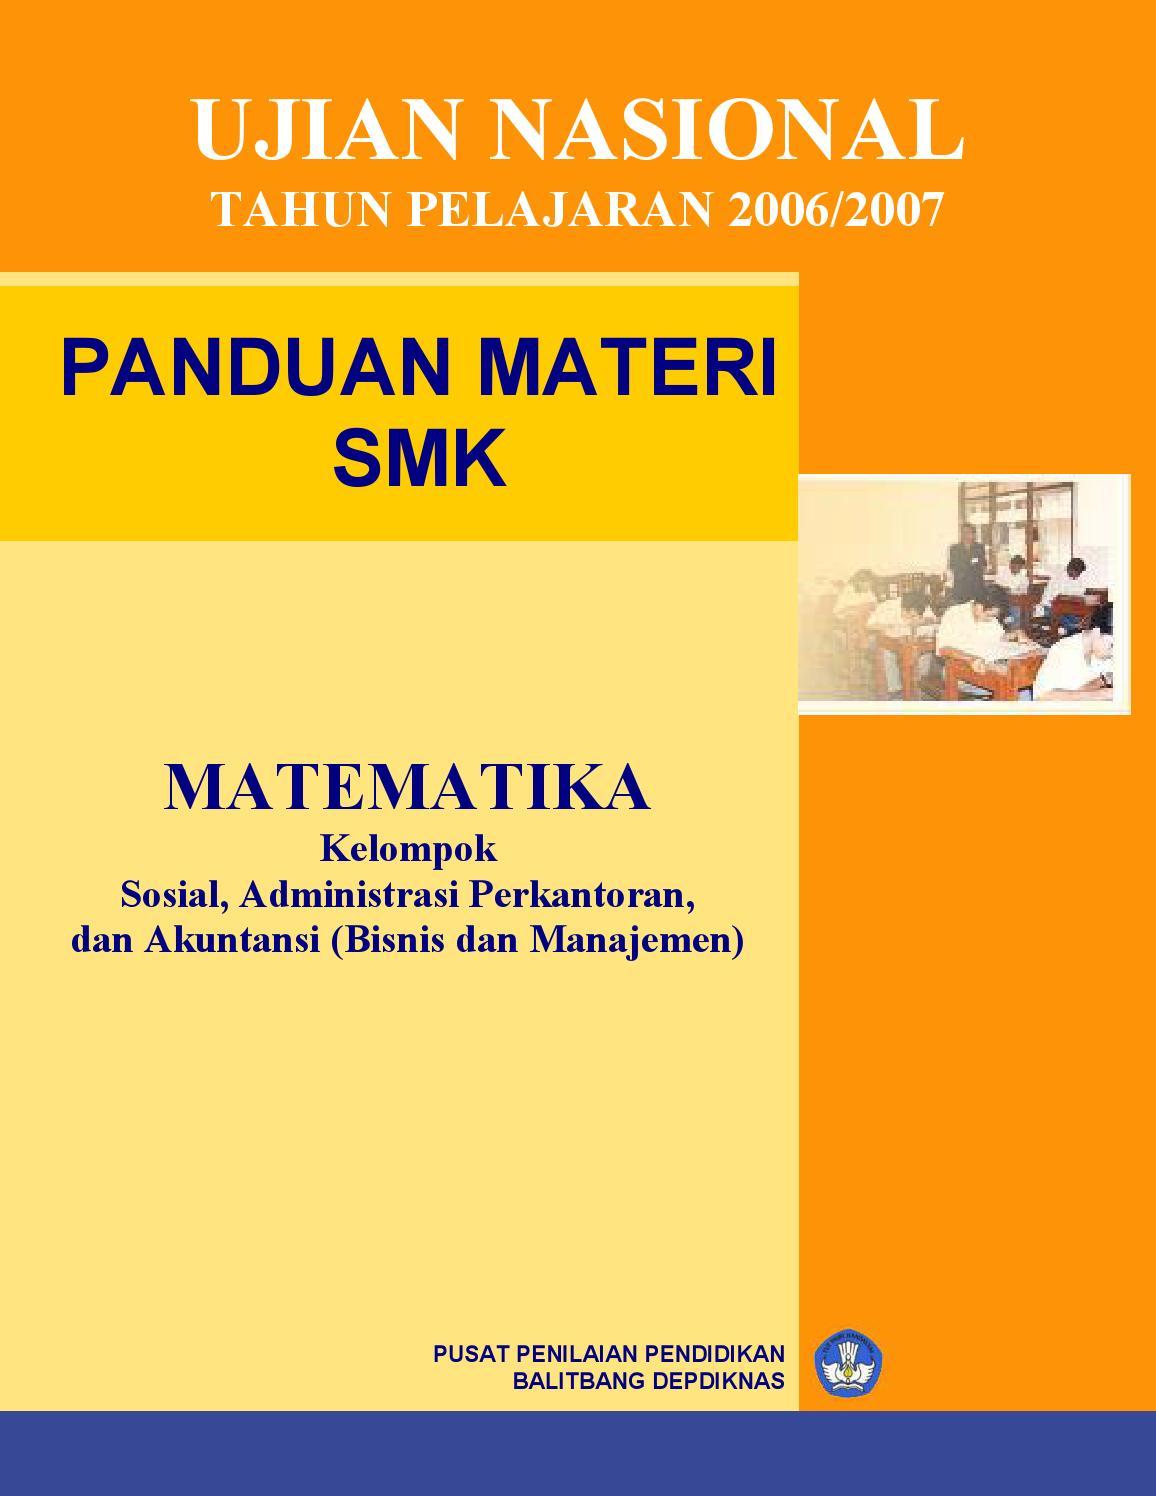 Matematika Bisnis Manajemen By Muhayanatul Juhria Issuu